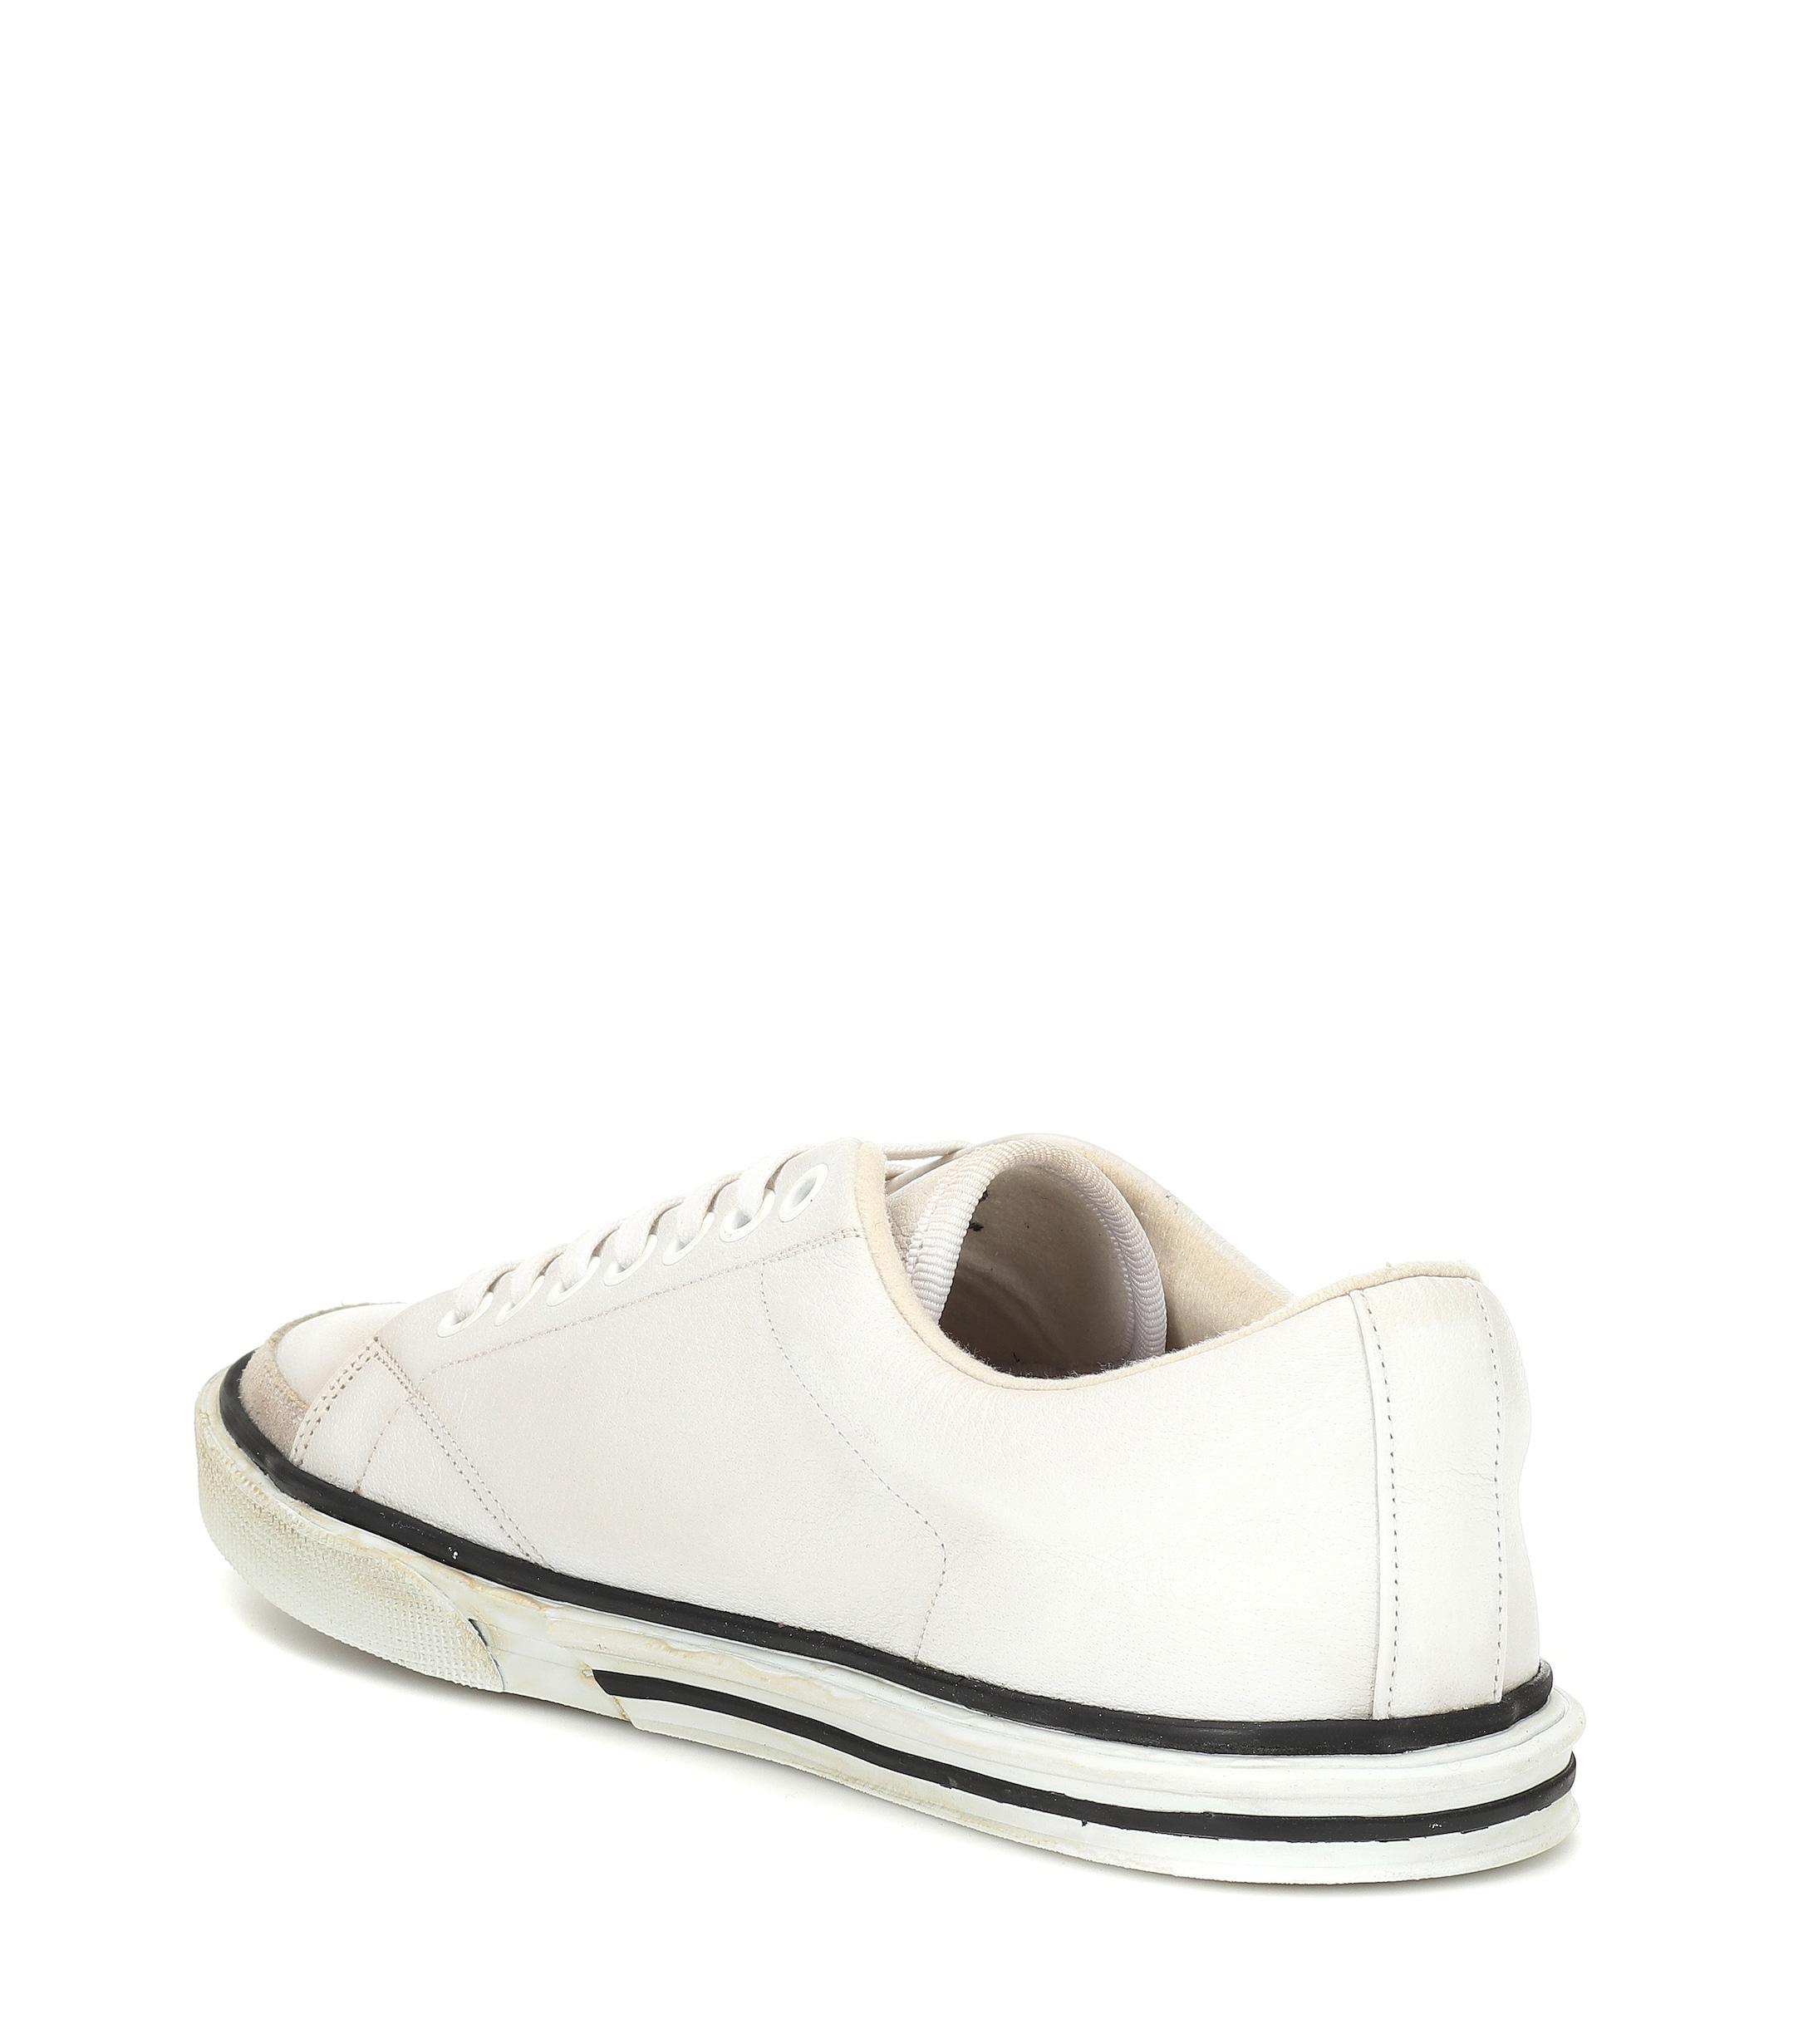 Zapatillas Match de piel Balenciaga de Cuero de color Blanco